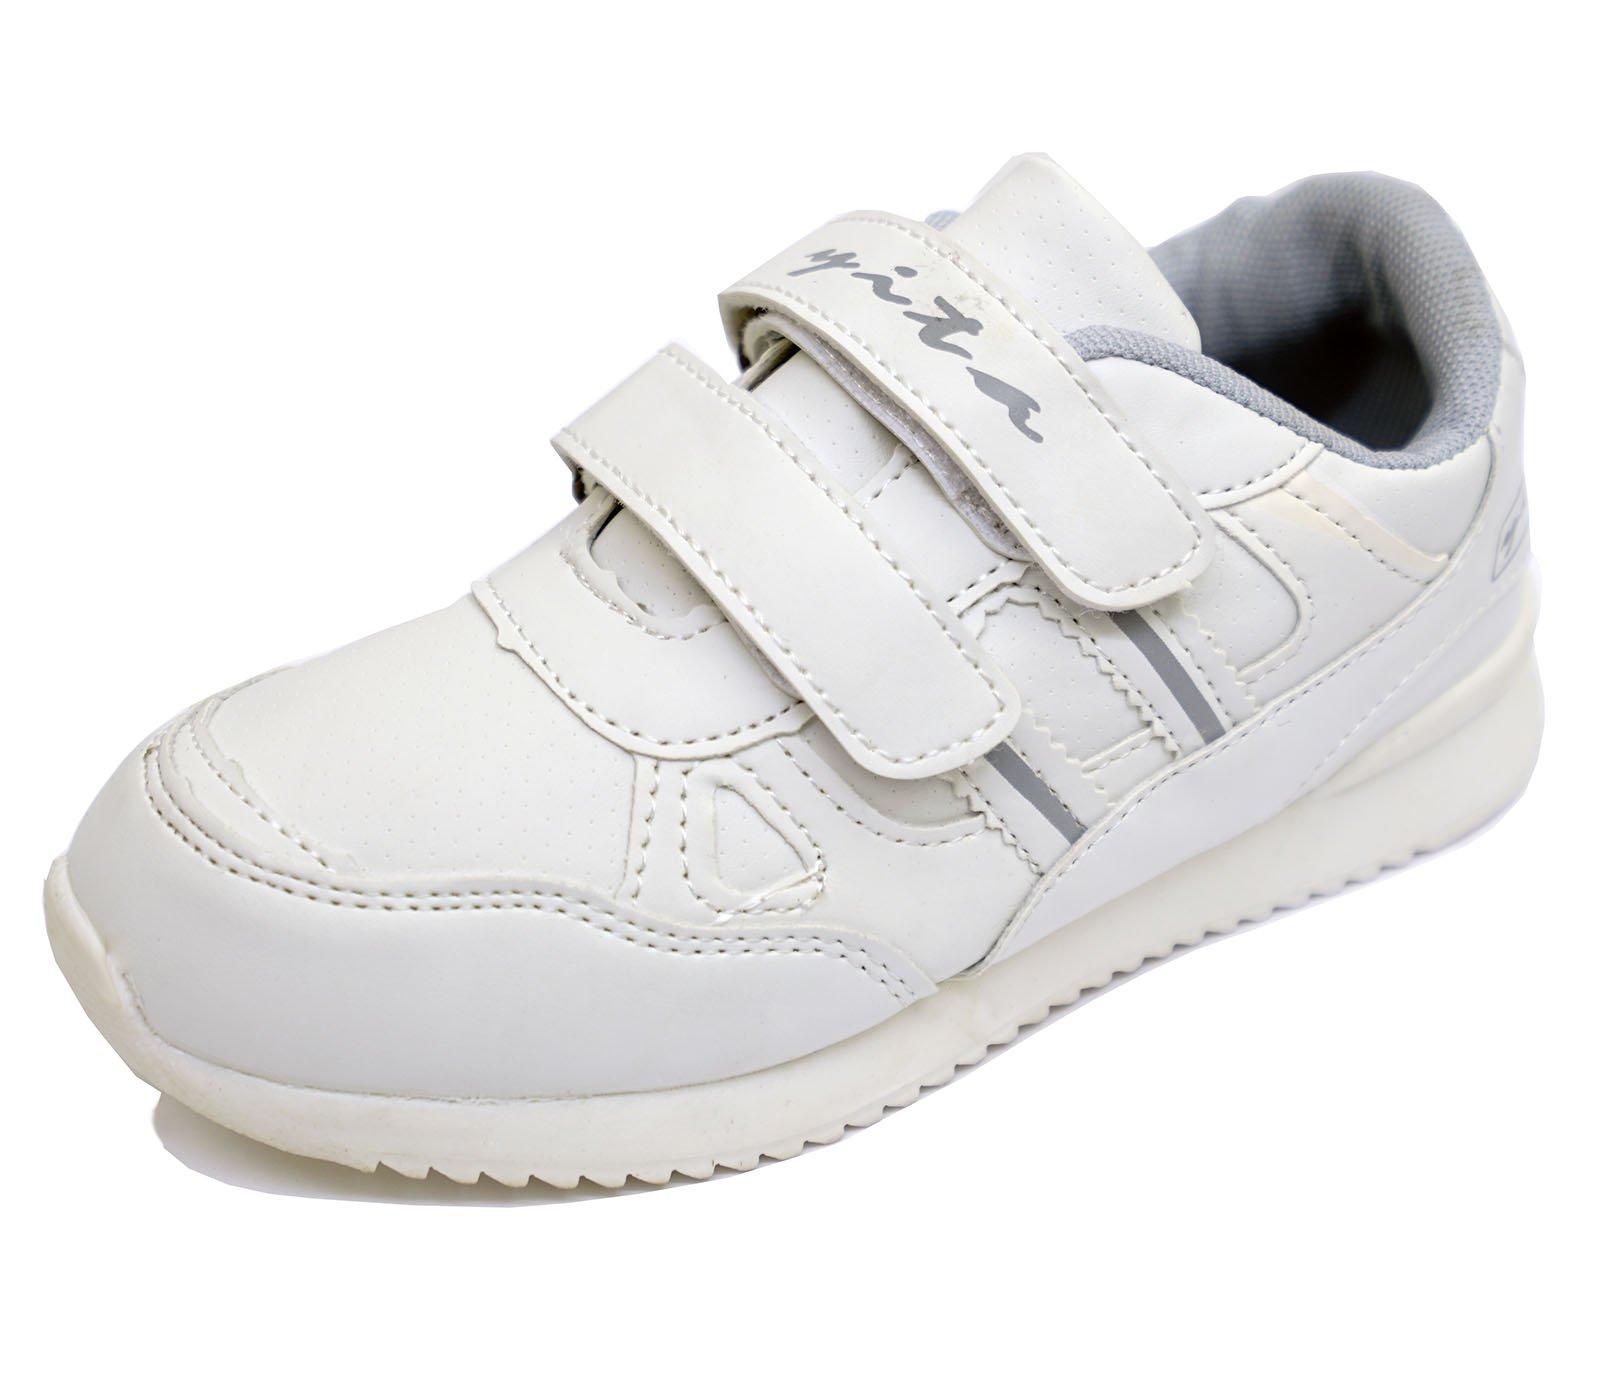 School Shoes Plimsoll P.E Pumps Sizes